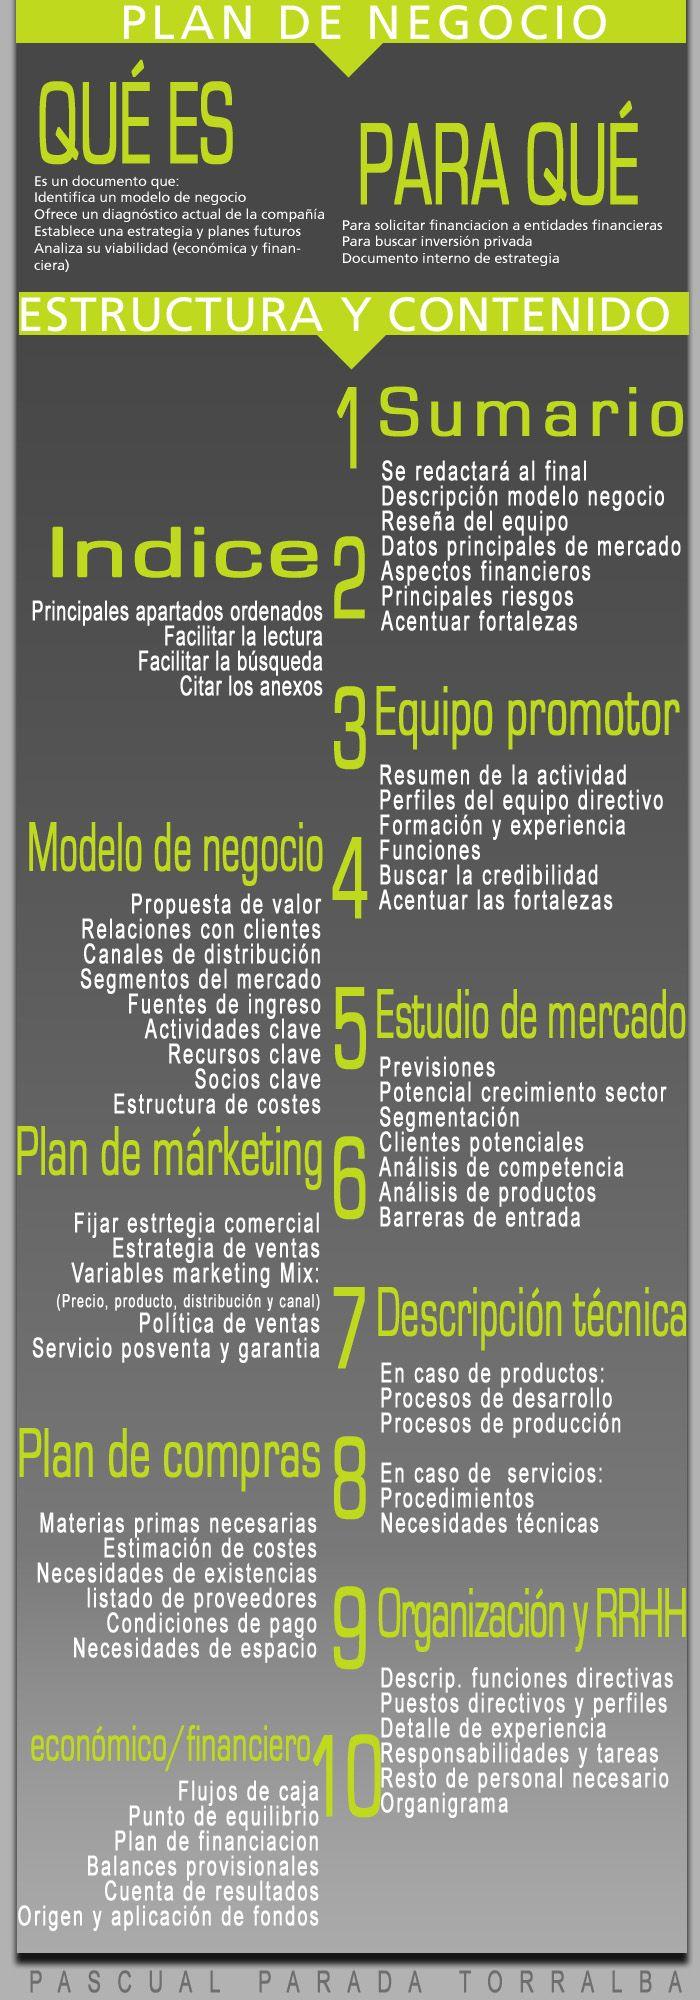 Estructura Y Contenido De Un Plan De Empresa Infografia